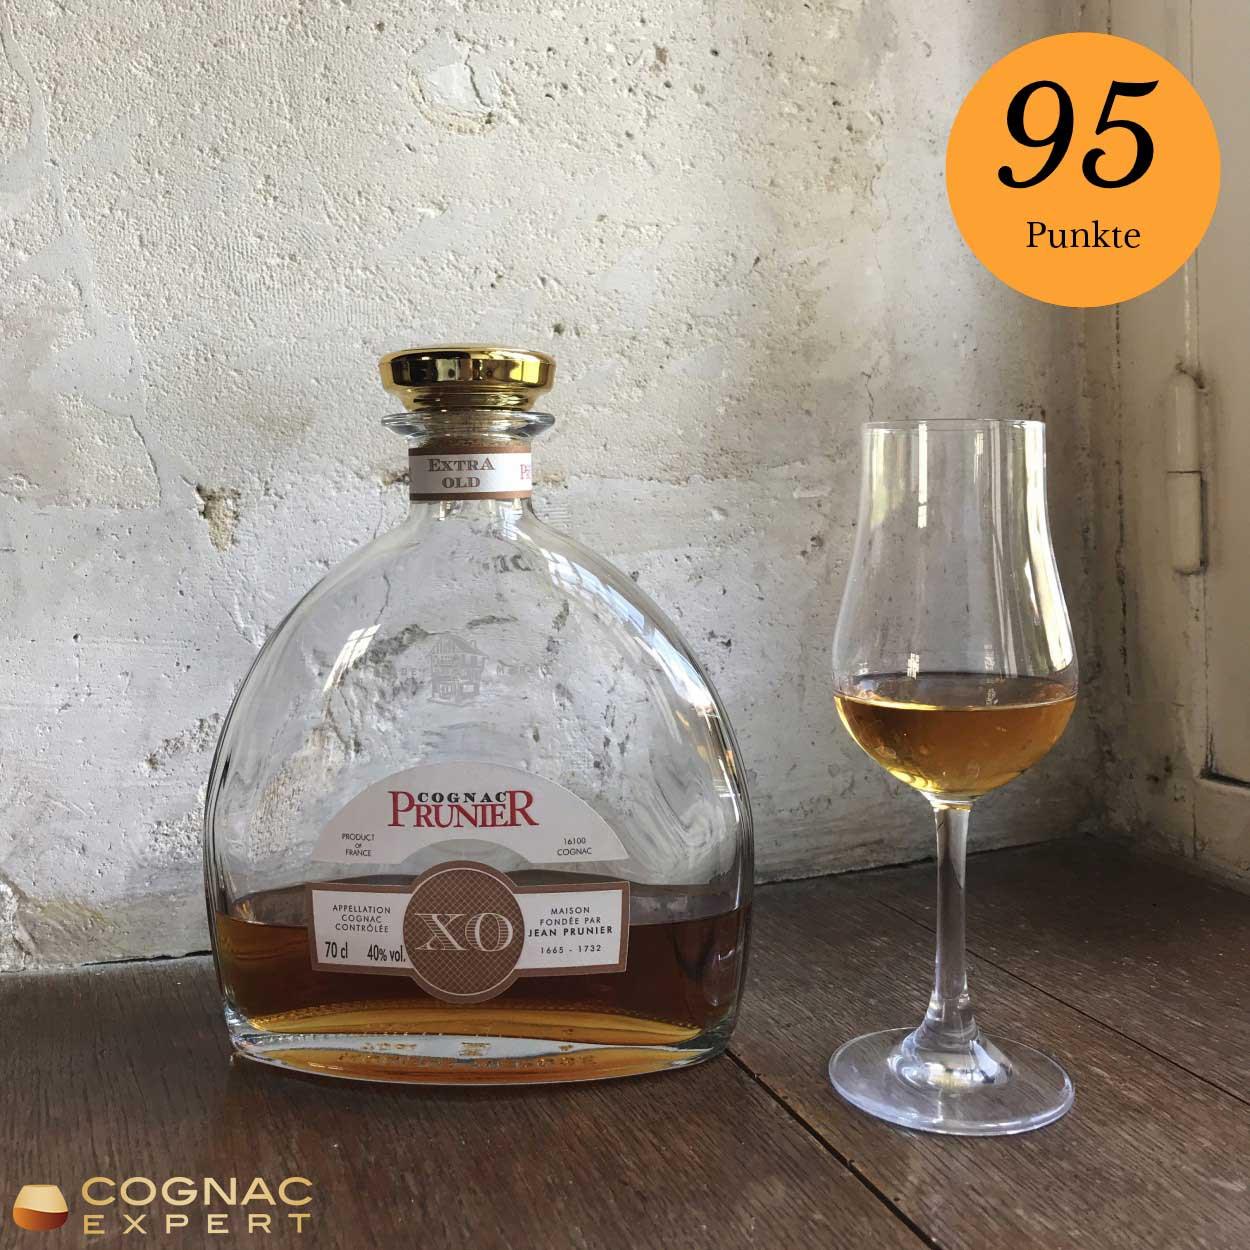 XO Prunier Cognac